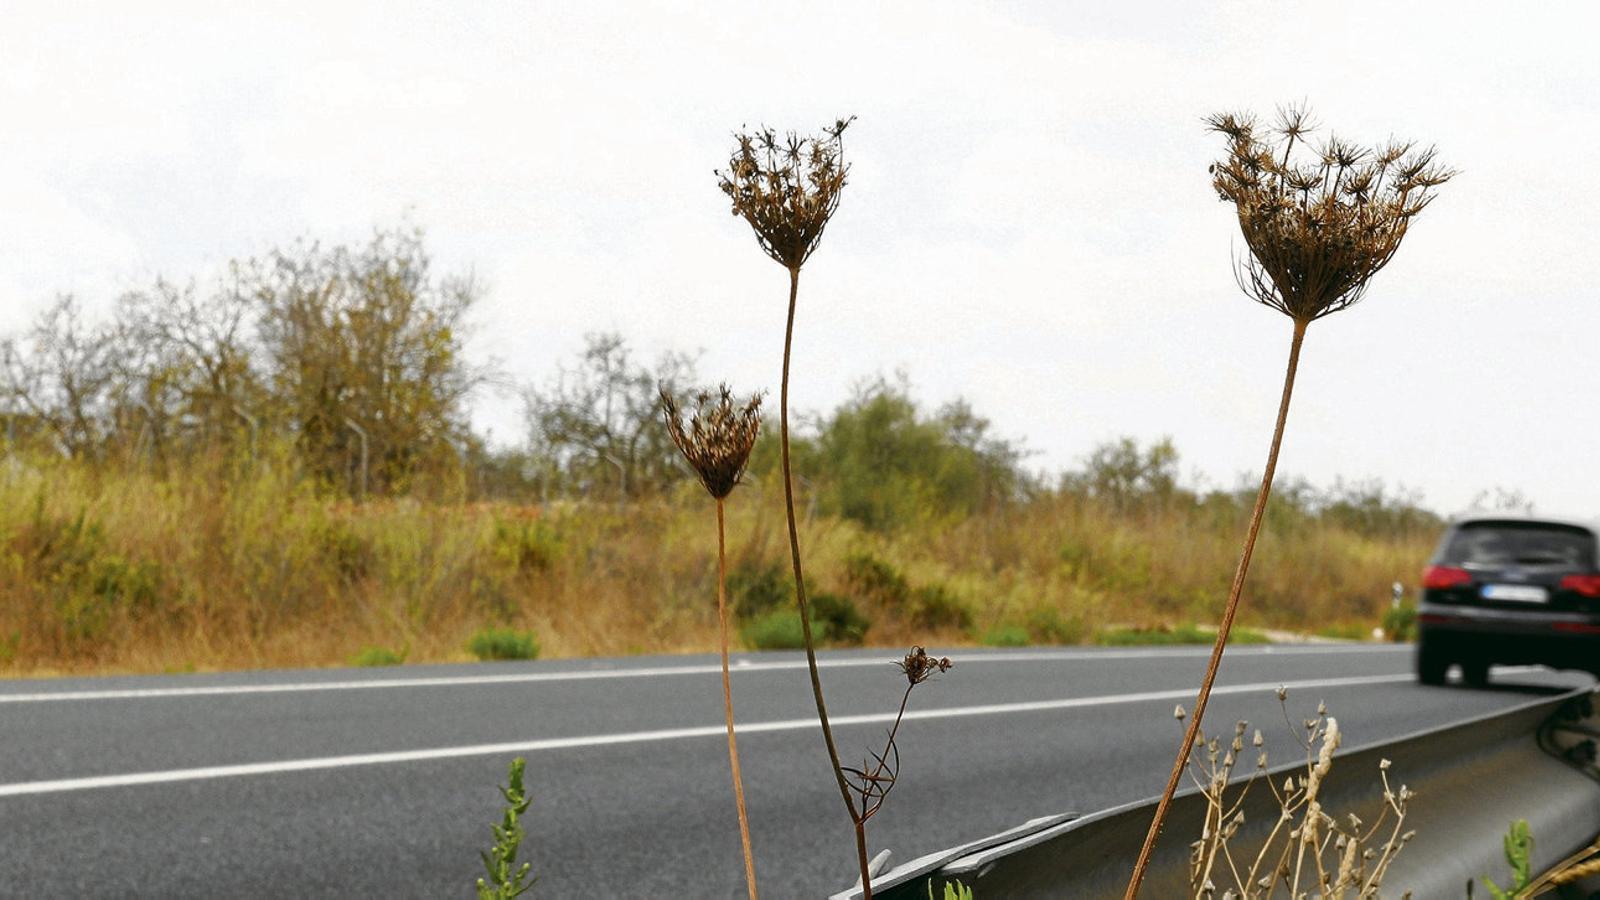 La carretera que es vol transformar en autopista entre  Campos i Llucmajor.